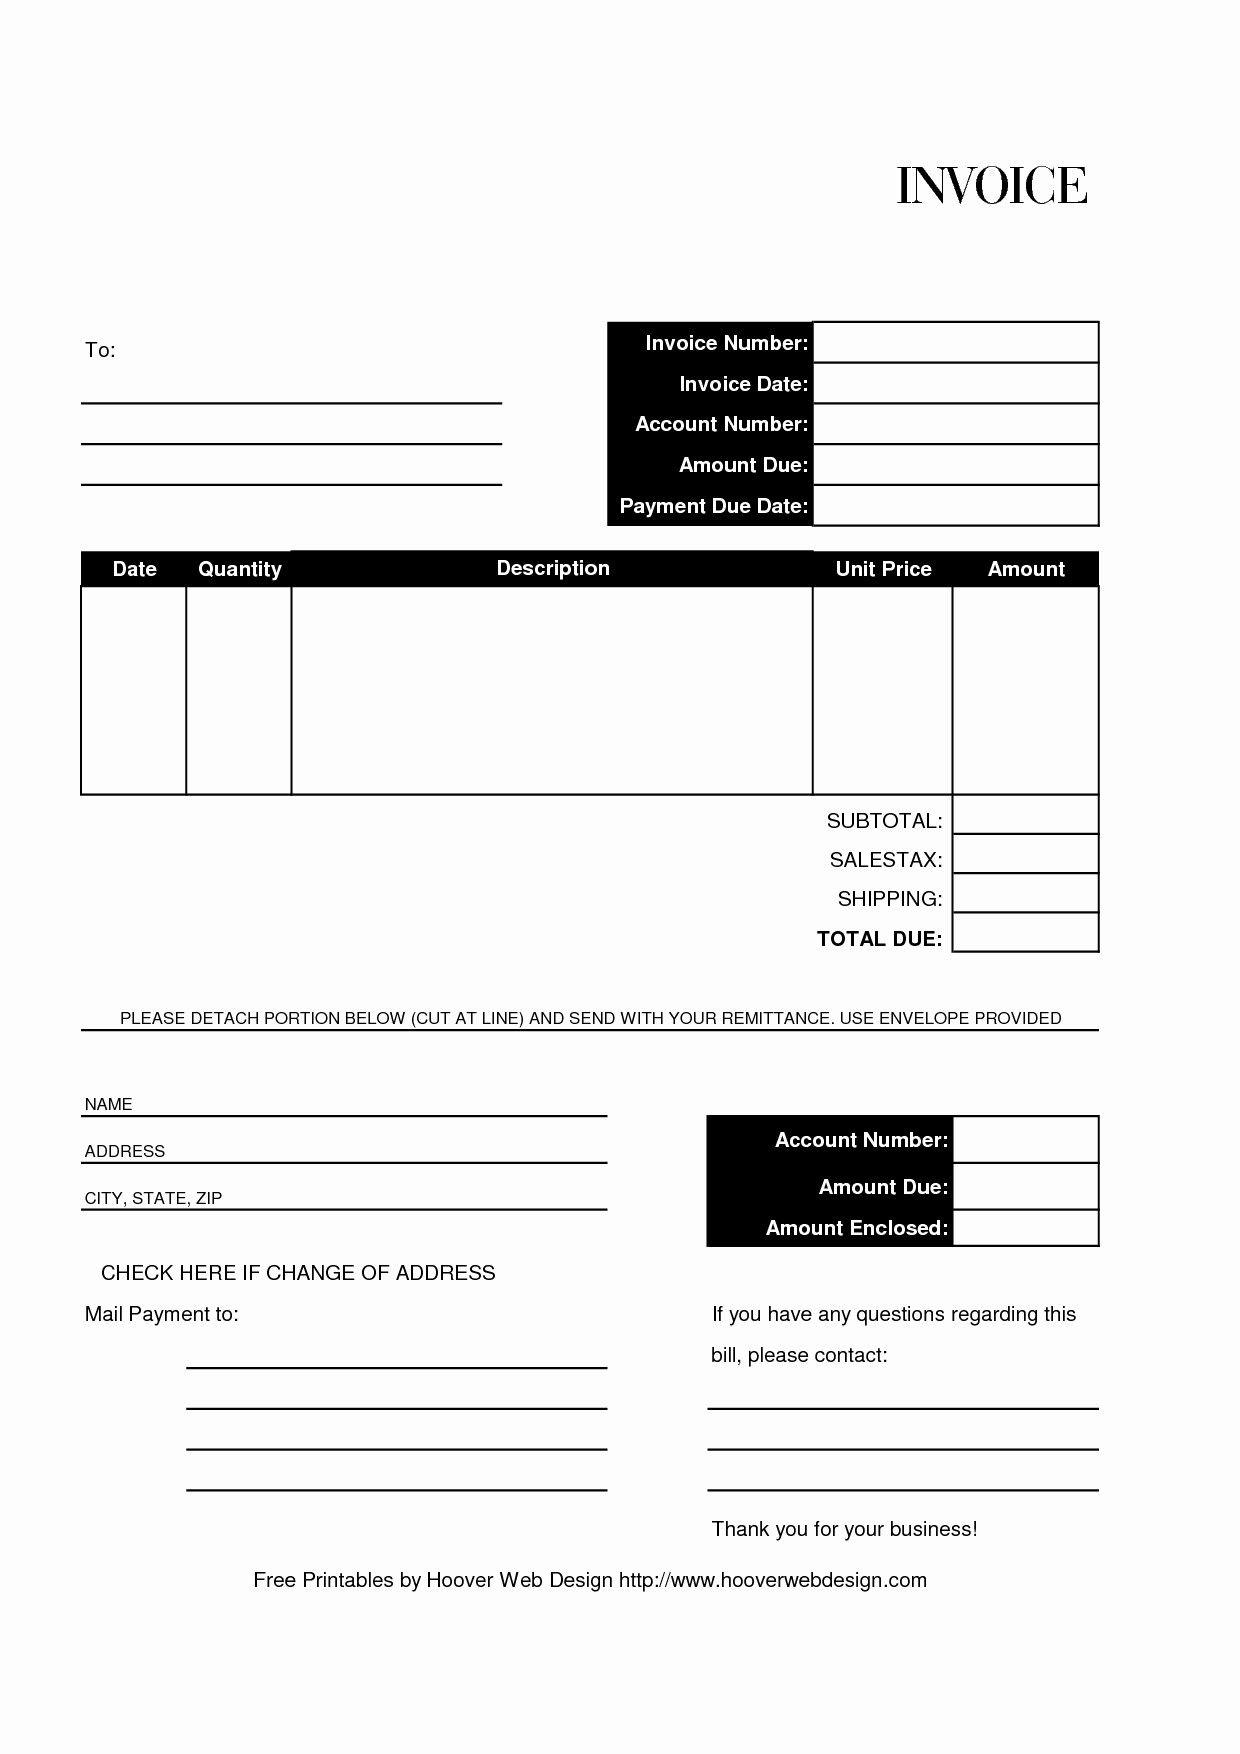 Unique Sample Billing Invoice Xls Xlsformat Xlstemplates Xlstemplate Check More At Https Mavensocial Co Sample Billing Invoice